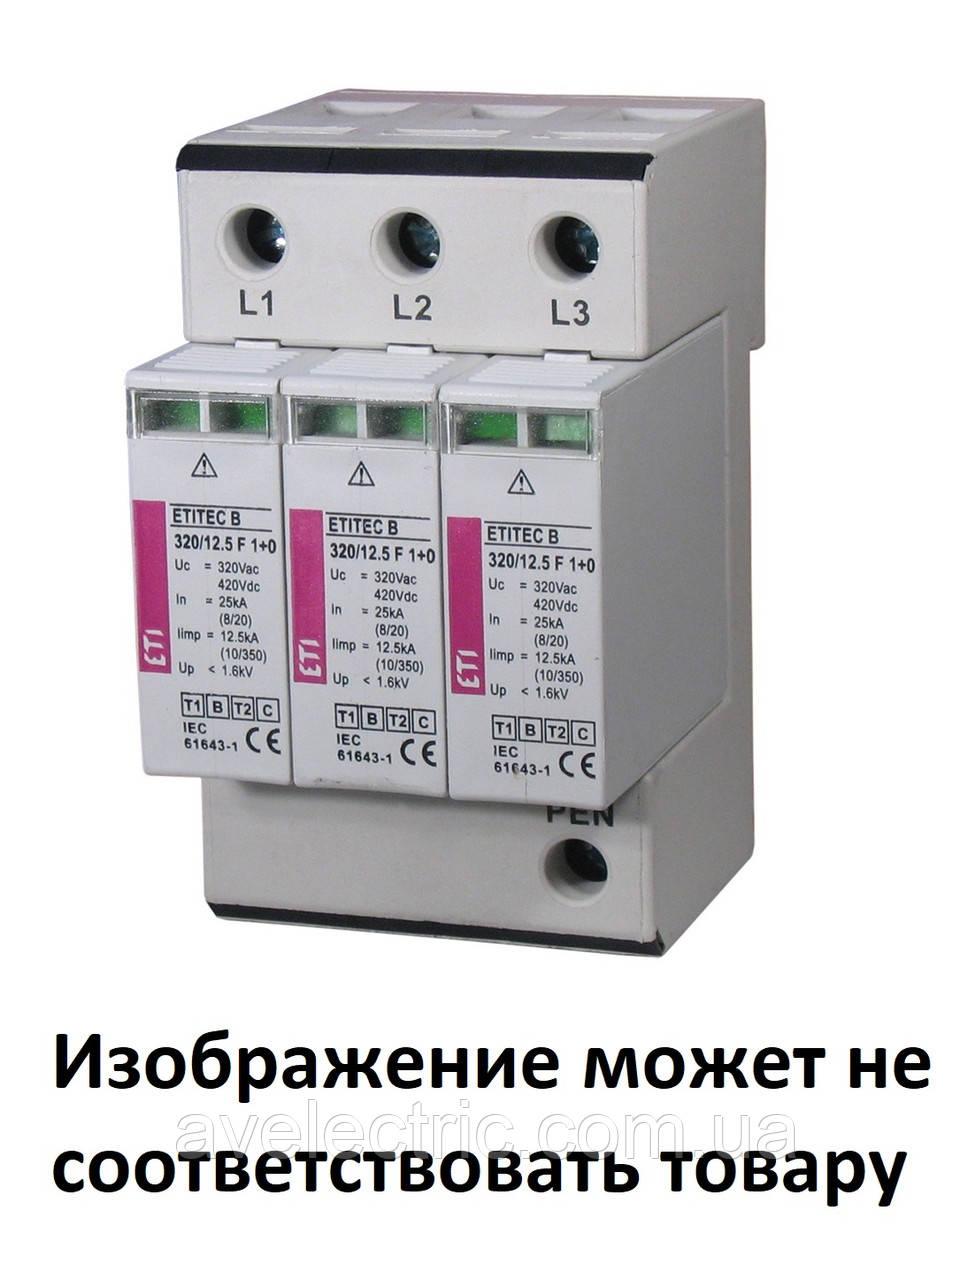 Ограничитель перенапряжения ETITEC V T12 280/12,5 (1+0)